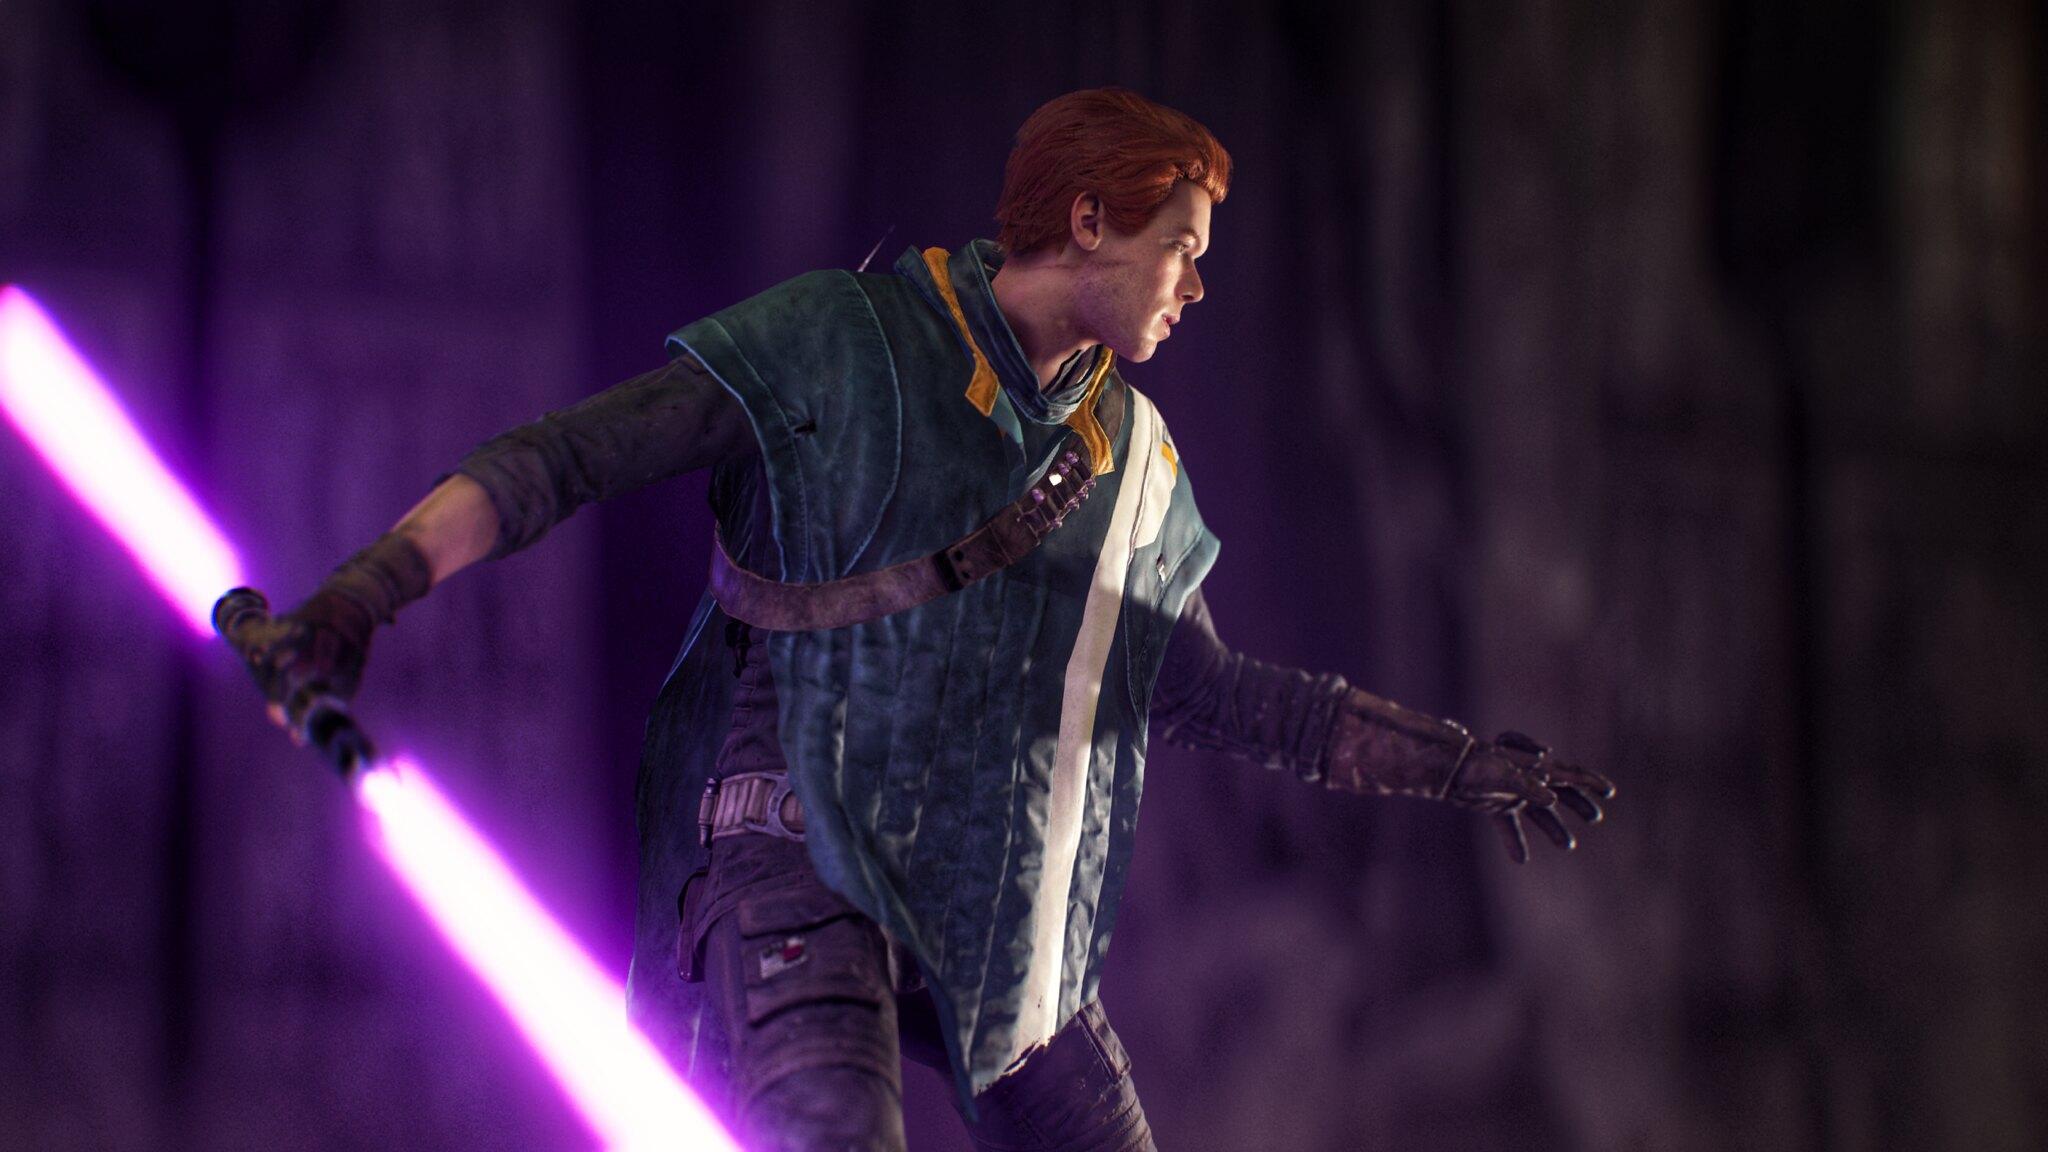 49245302413_7db56c021d_k.jpg - Star Wars Jedi: Fallen Order